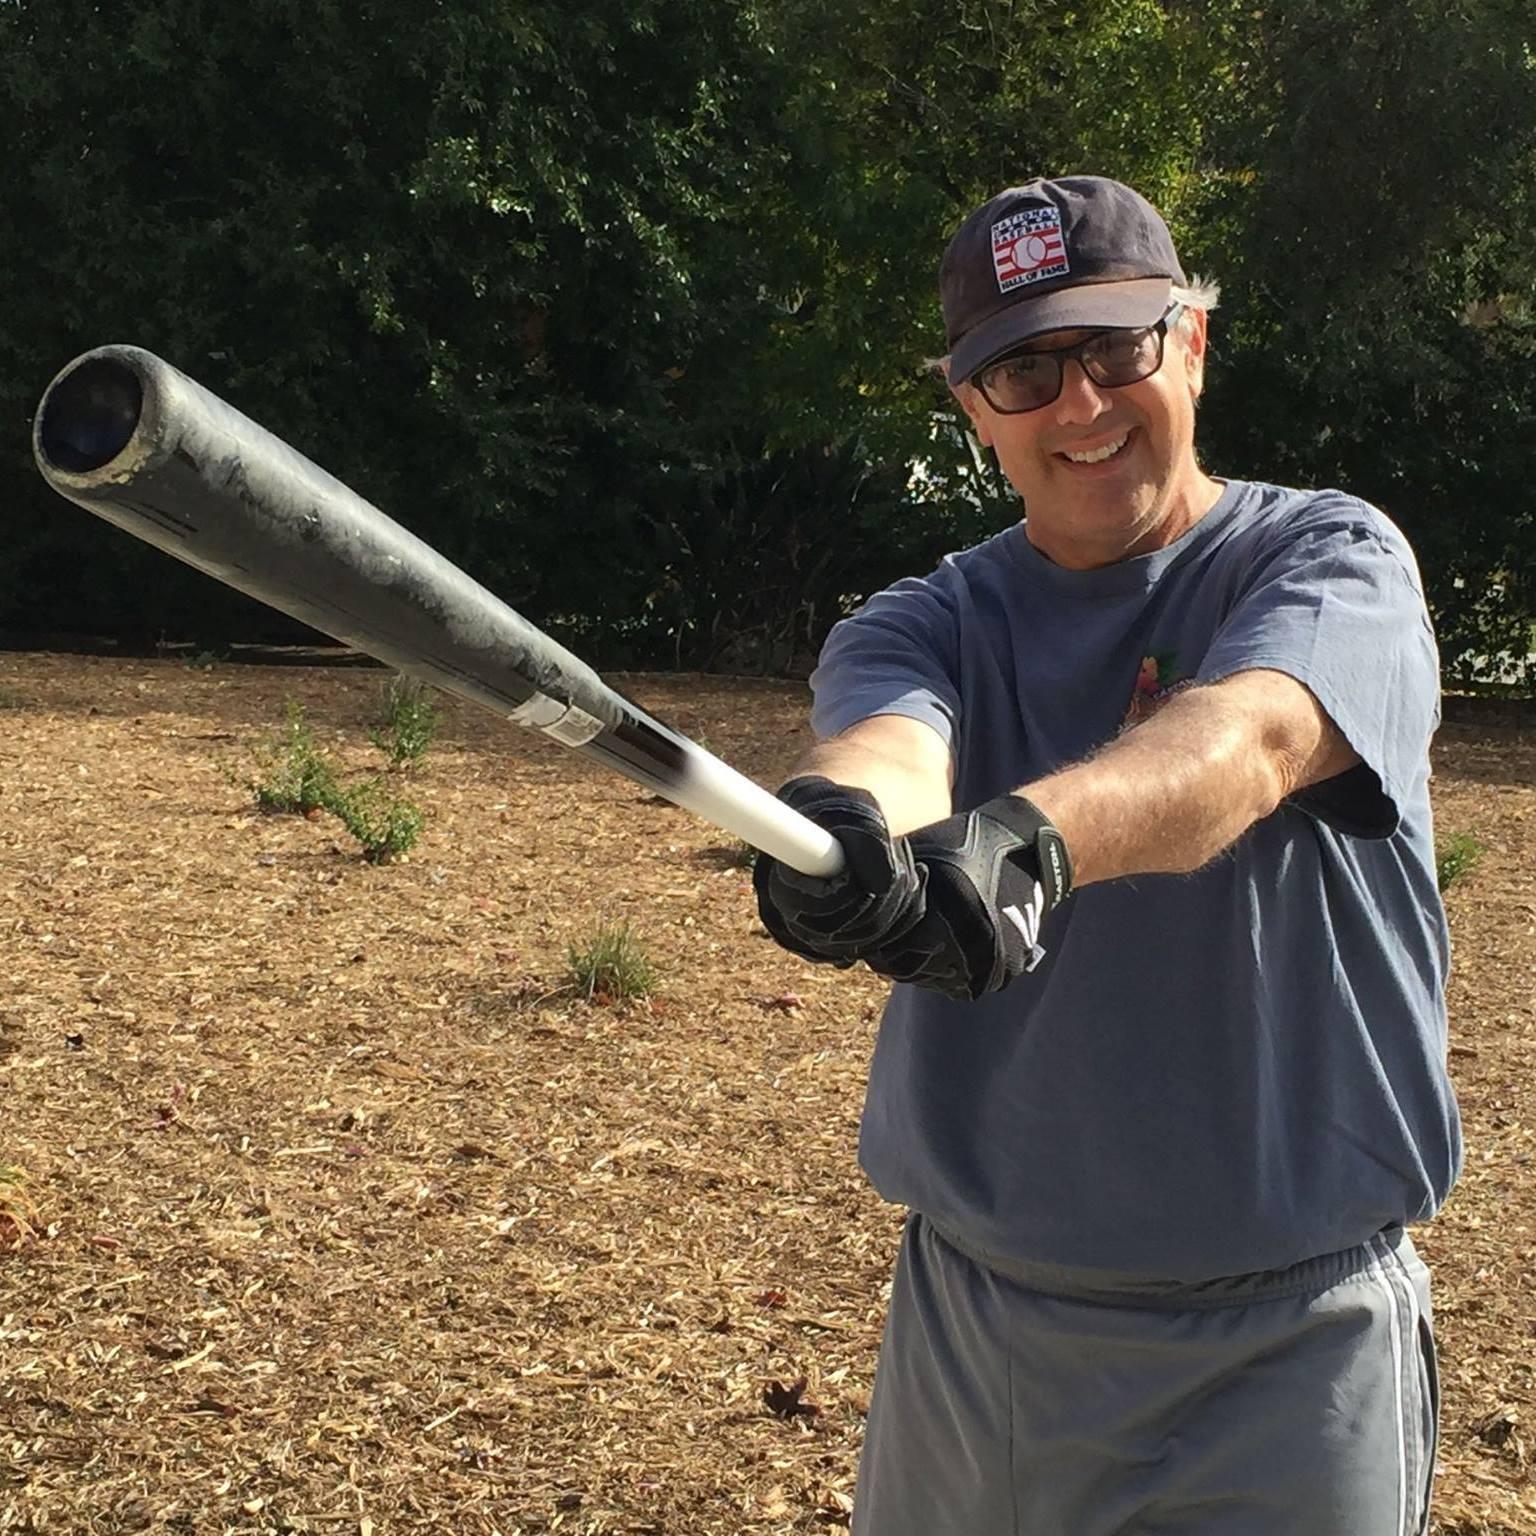 Jon Leonoudakis holding two-tone bat, 2016